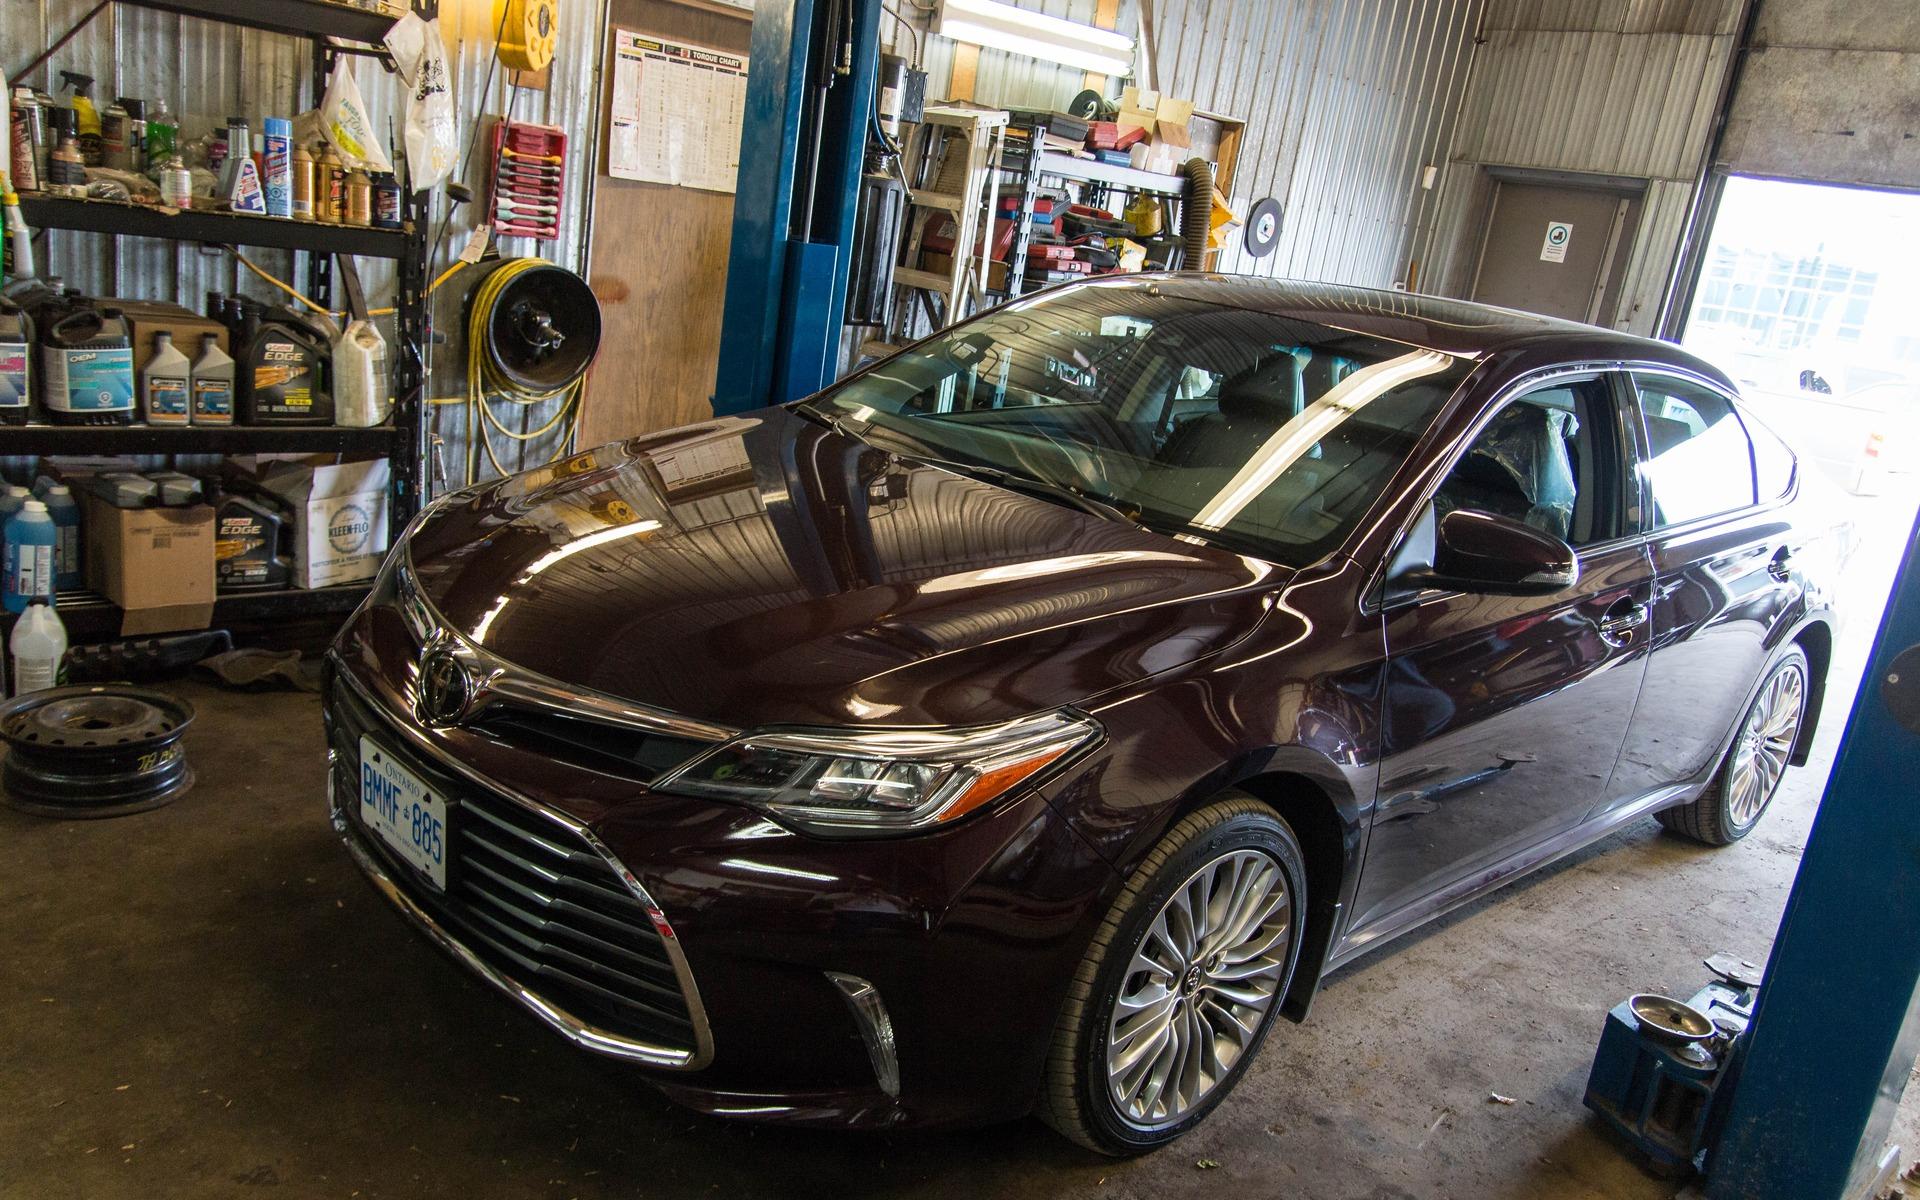 La Toyota Avalon 2016, prête pour l'inspection